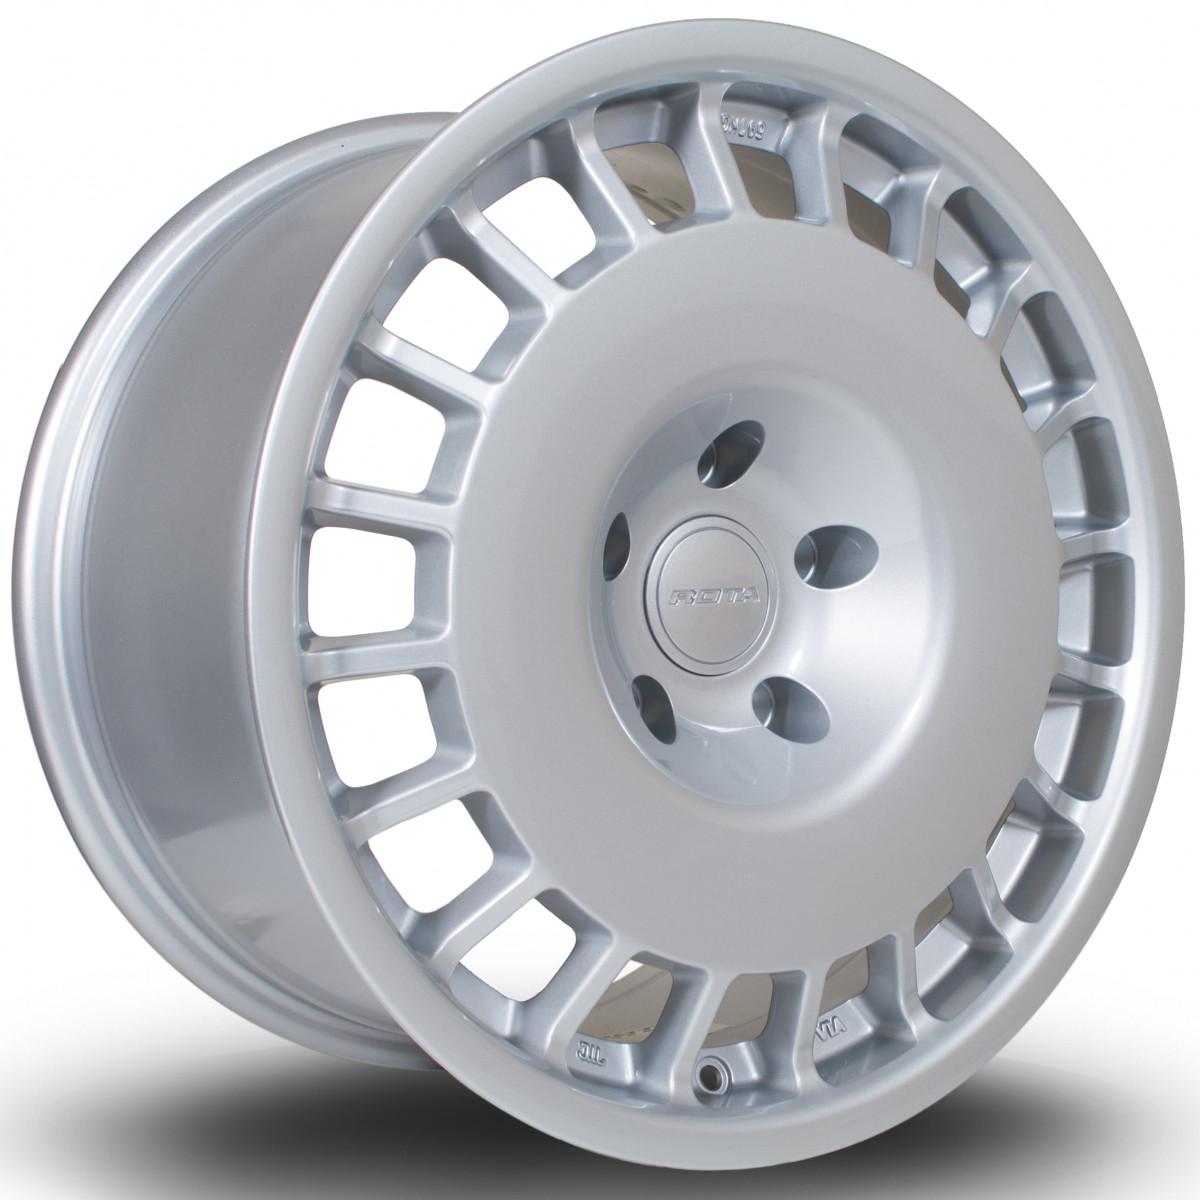 D154 17x9 5x112 ET35 Silver